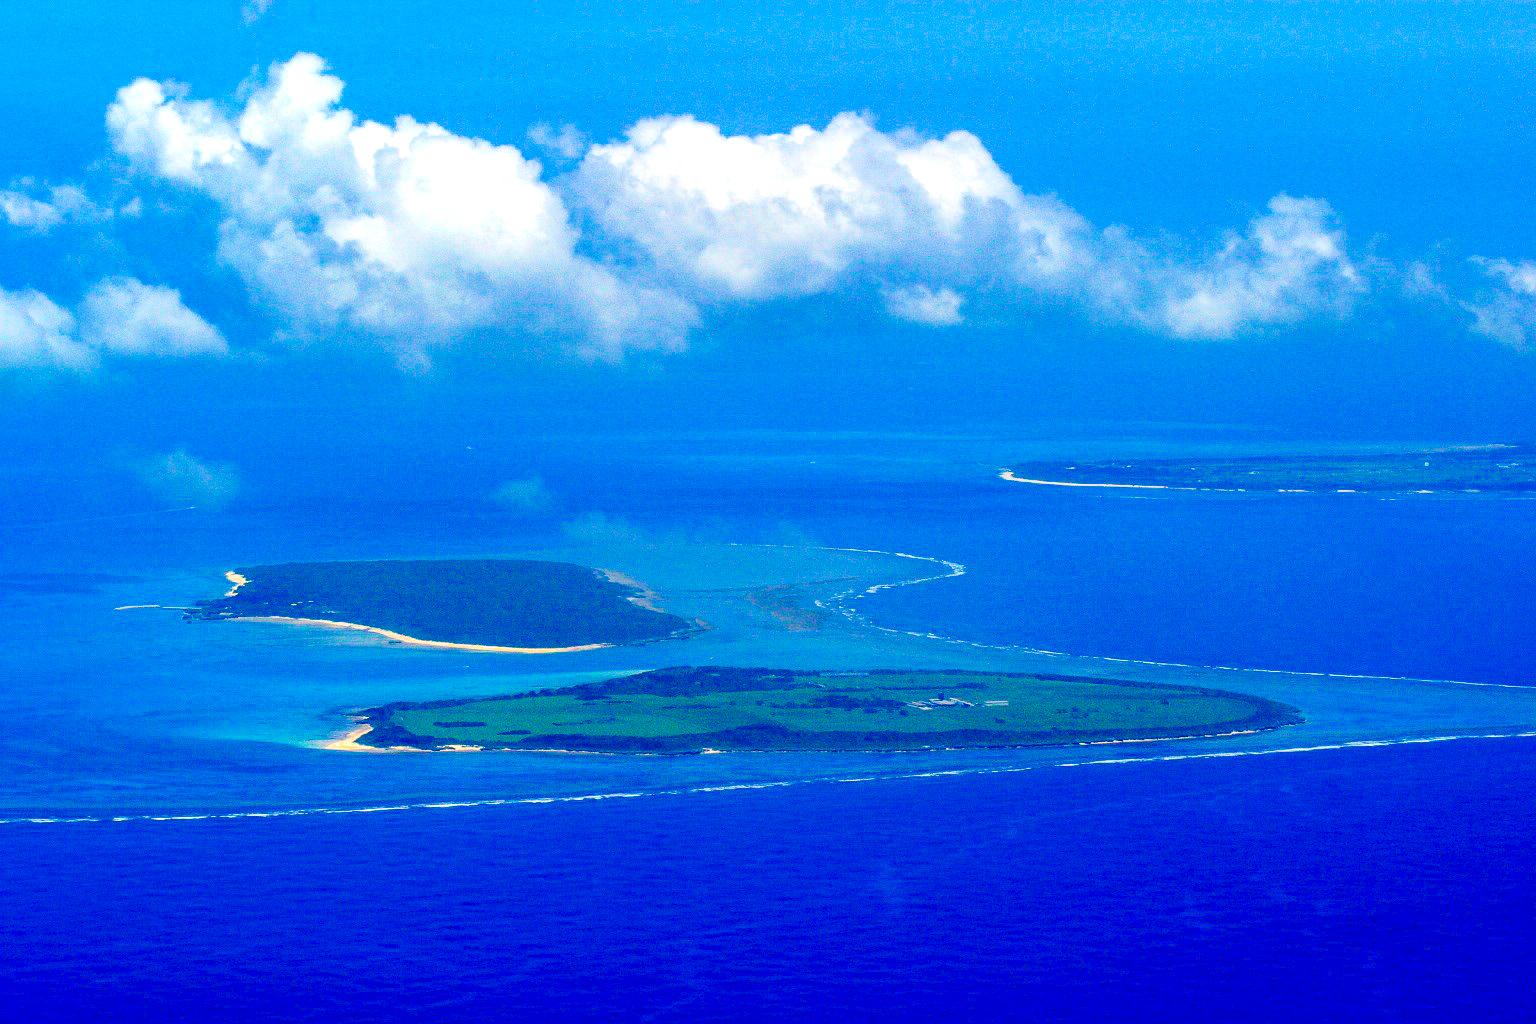 飛行機からみたパナリ島